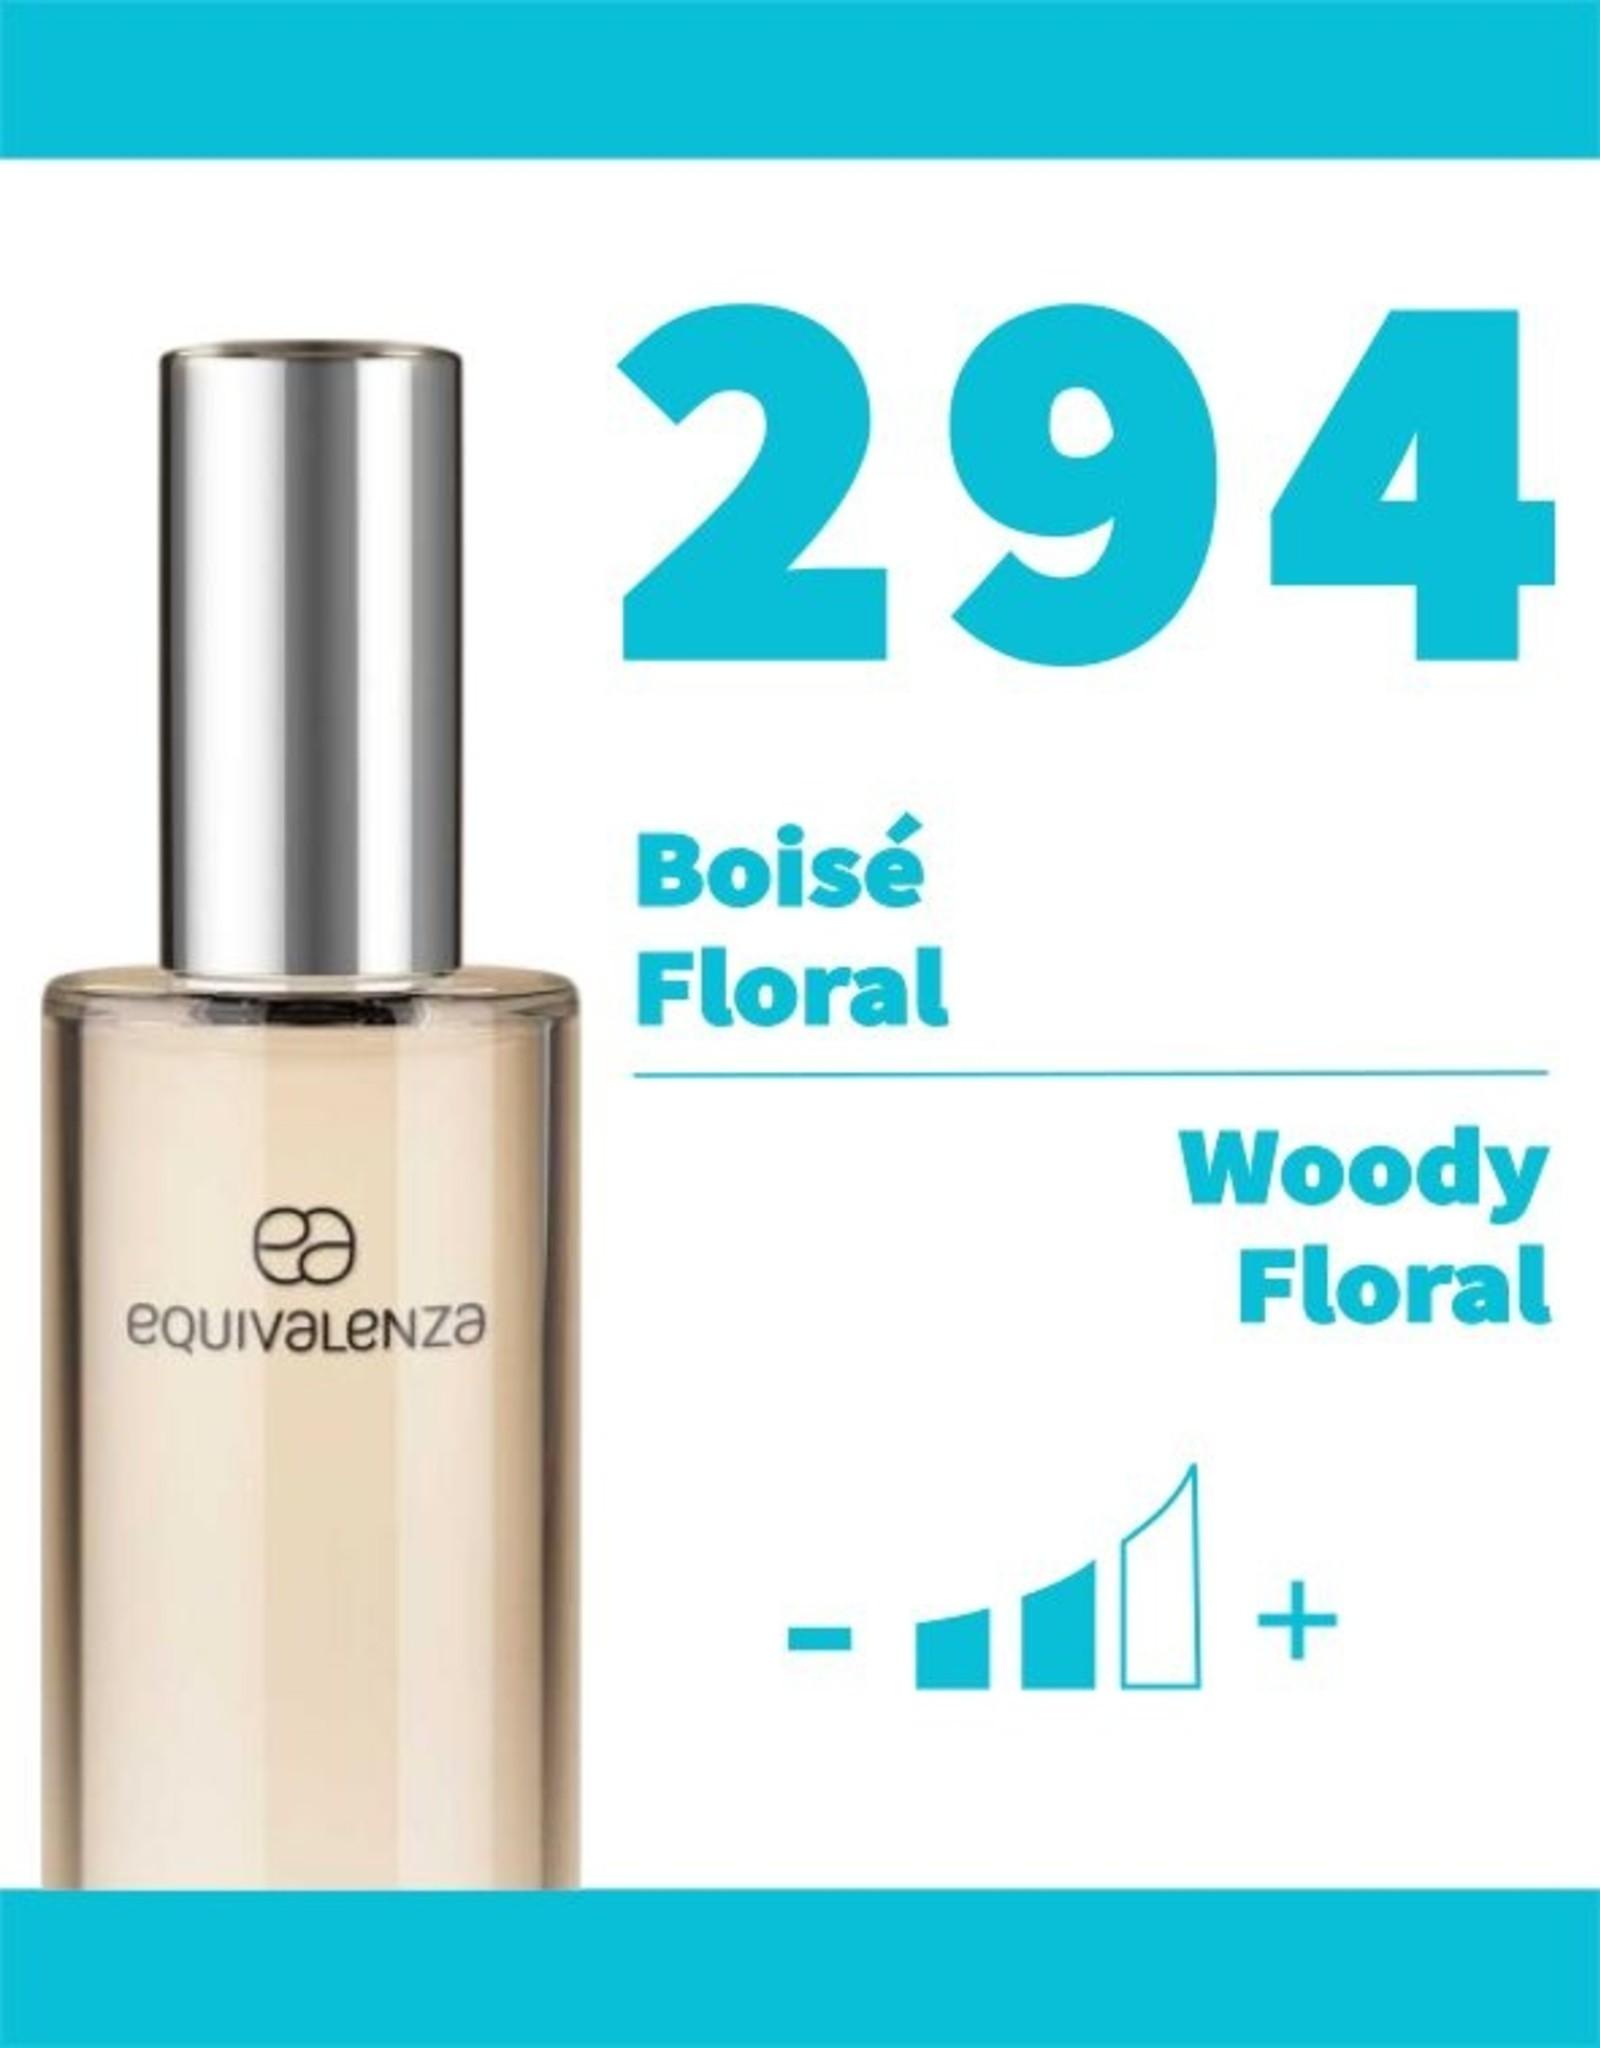 Equivalenza Eau de Parfum Boisé Floral 294